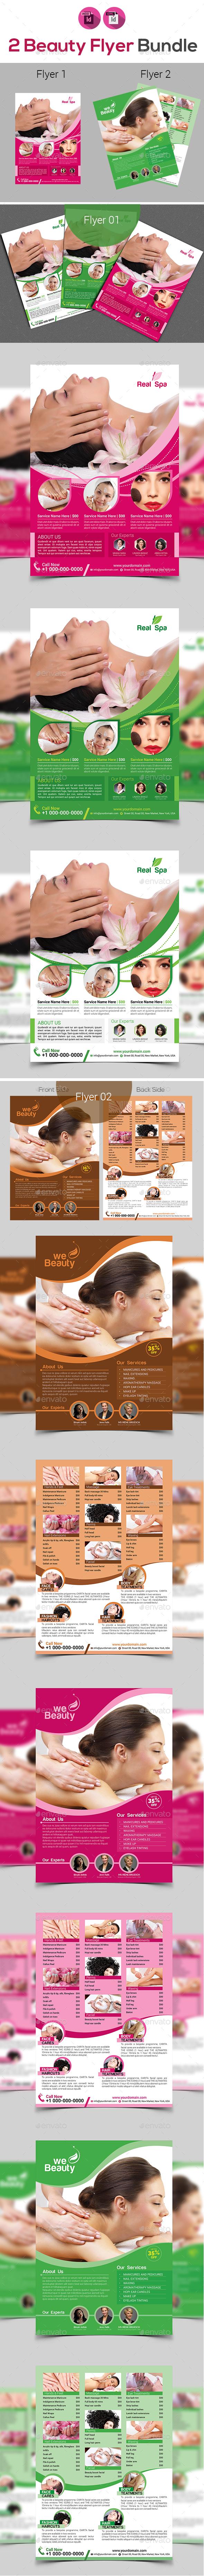 Spa & Beauty Salon Flyer Bundle V2 - Corporate Flyers